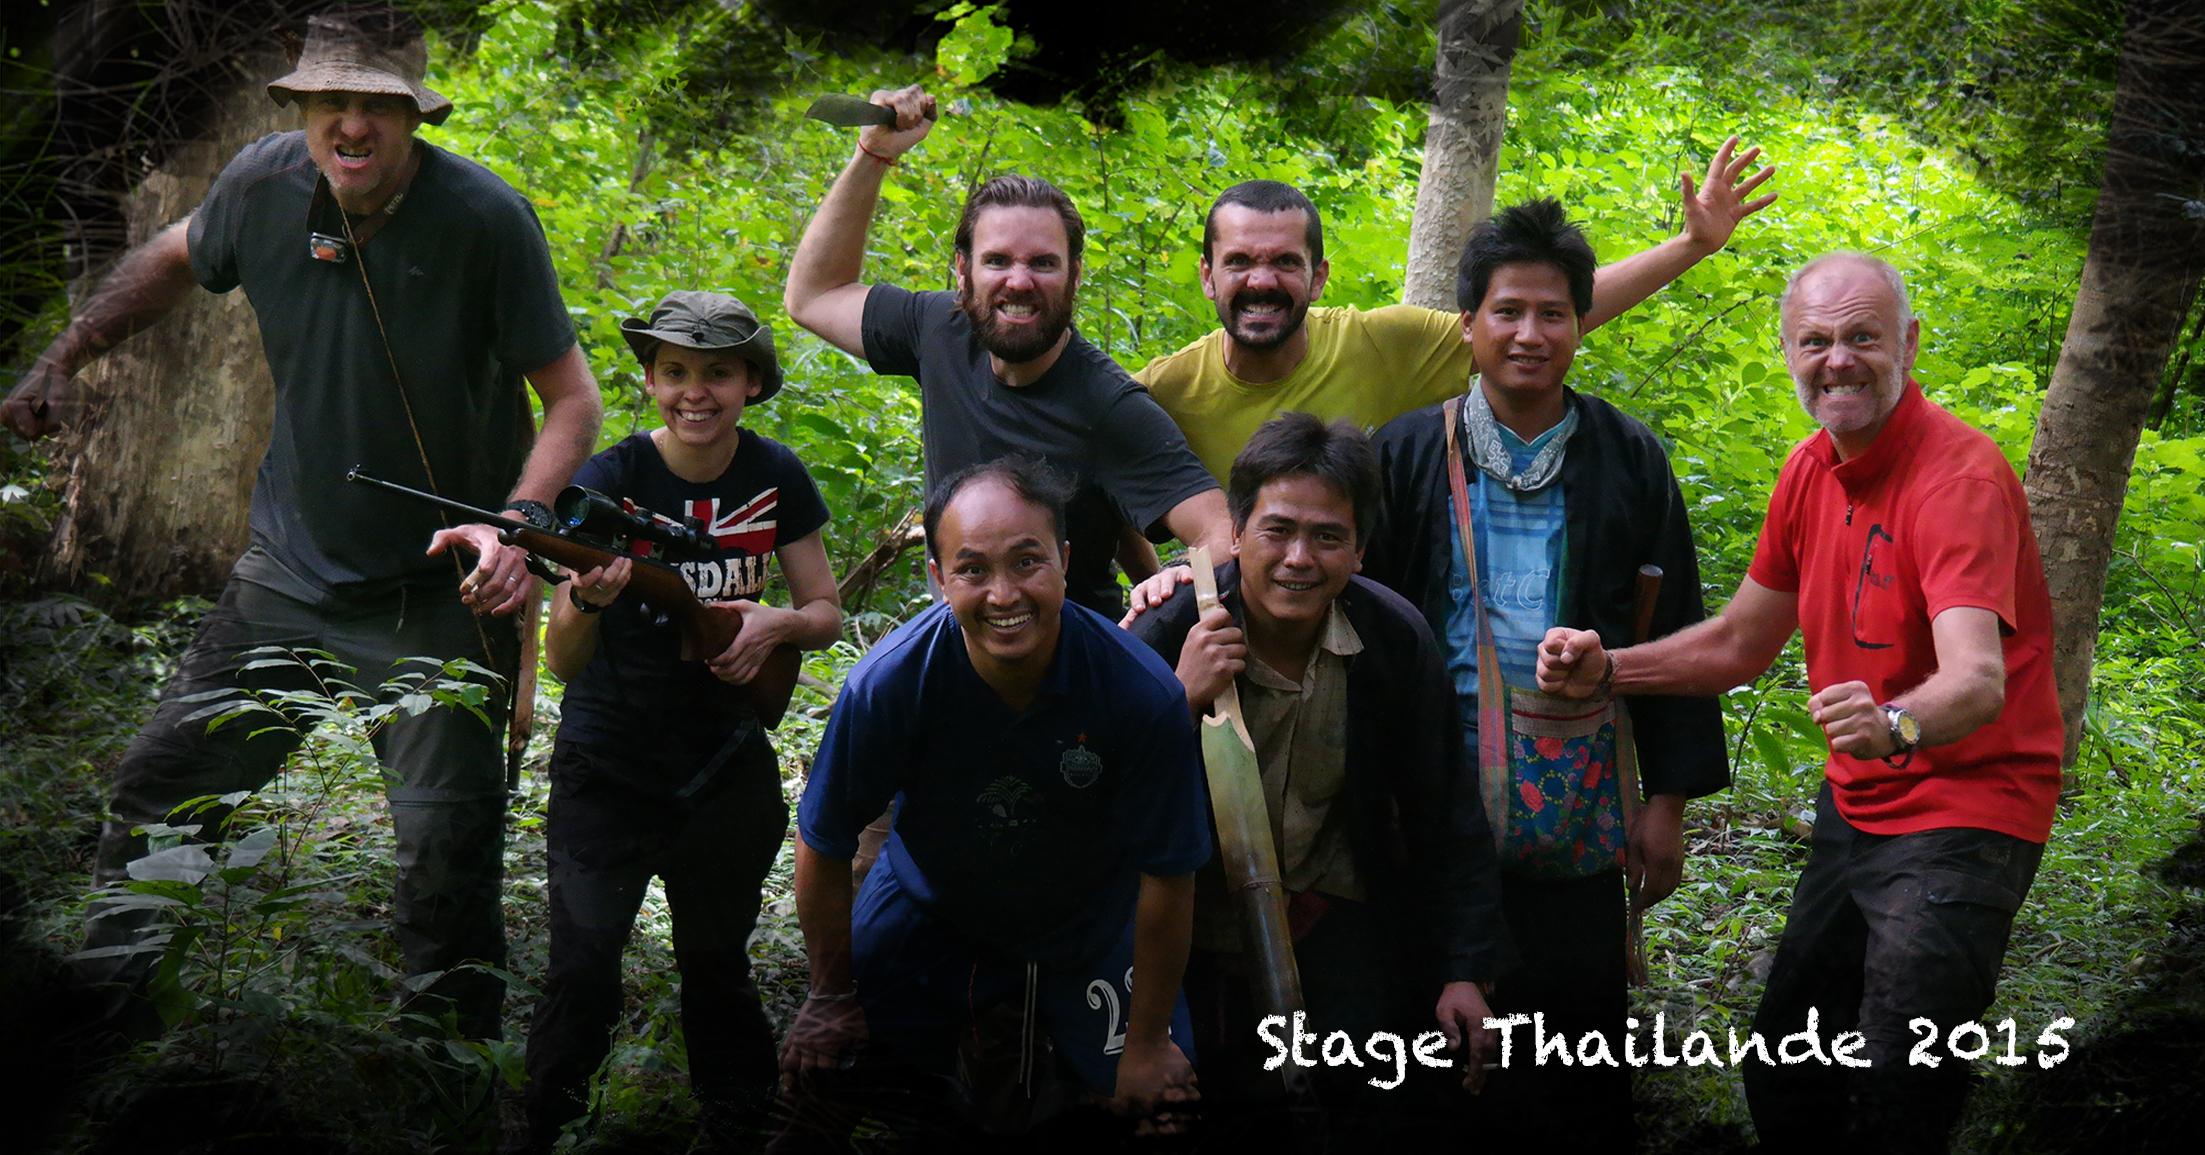 stage thailande 2015